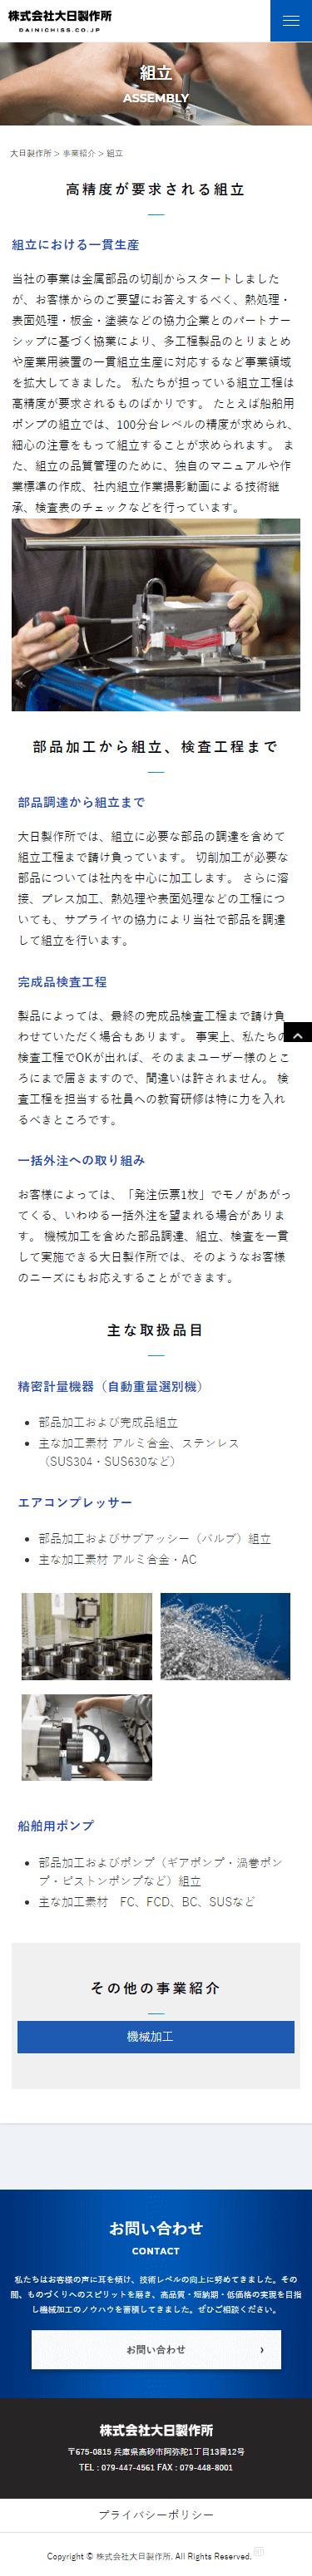 高砂市 株式会社大日製作所 ホームページ制作4